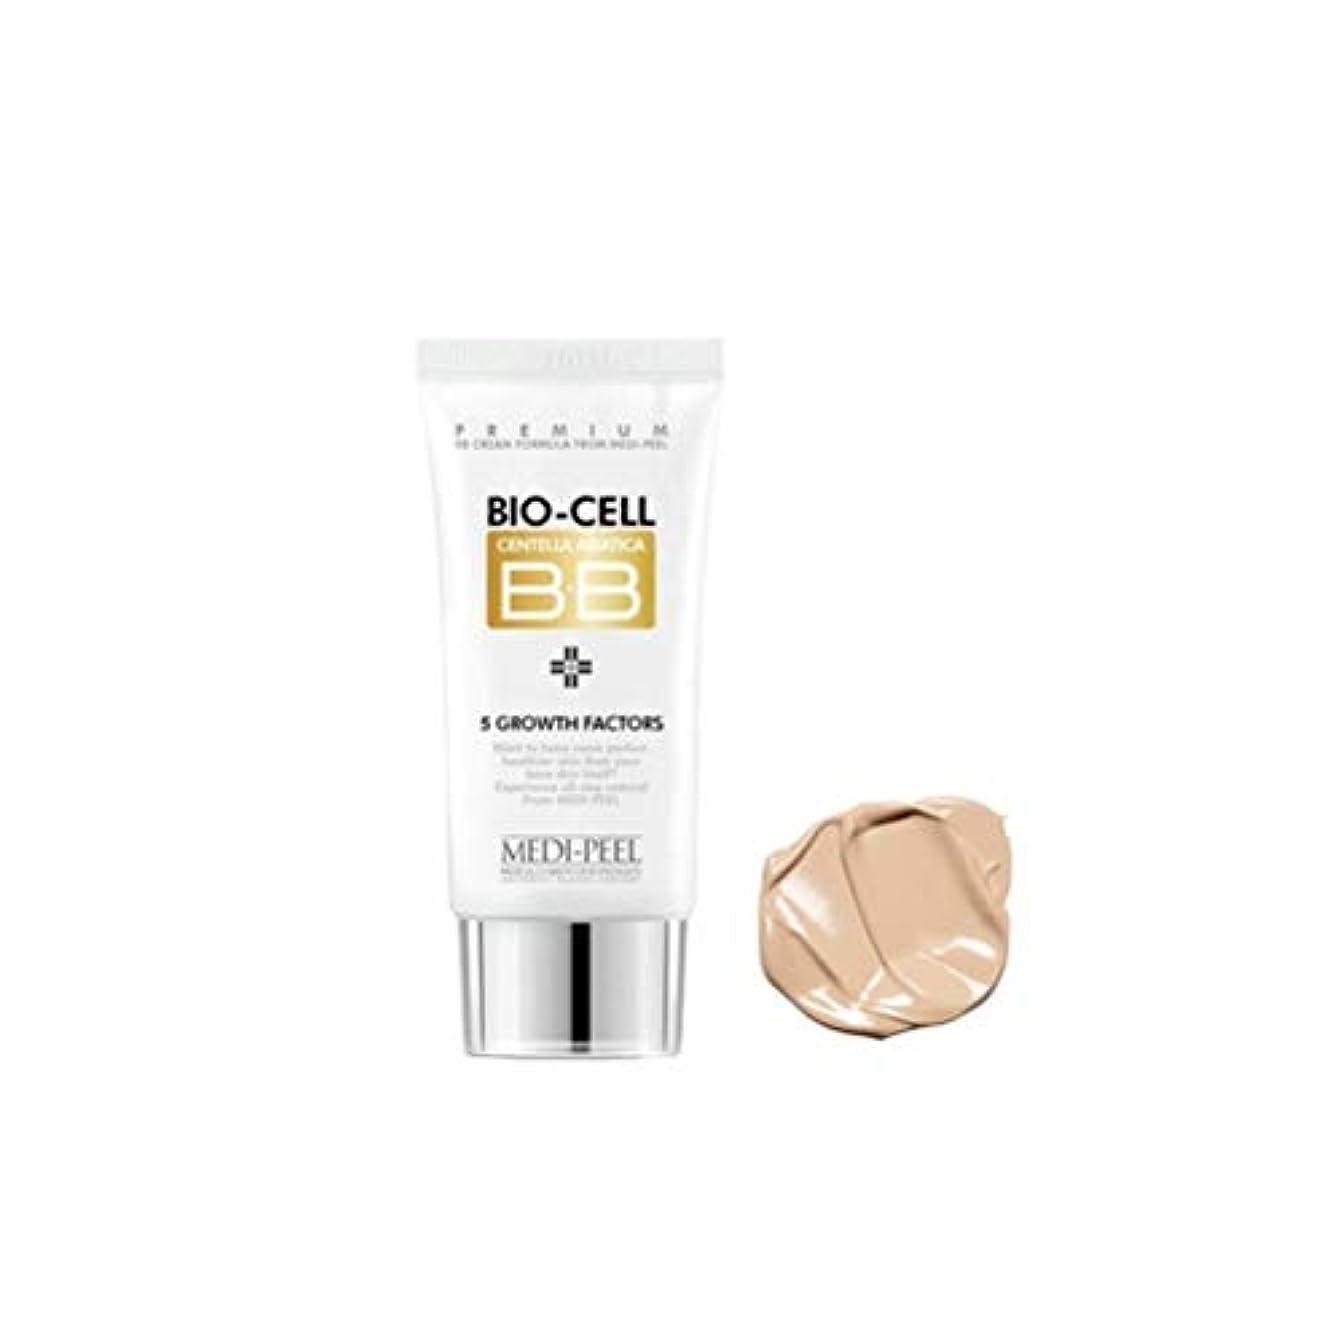 涙彼そこ[Medi-Peel] メディピール バイオセル BBクリーム 50ml. [美.白?シワ.改善2重機能性化粧品] Medi-Peel Bio-cell BB Cream 50ml.